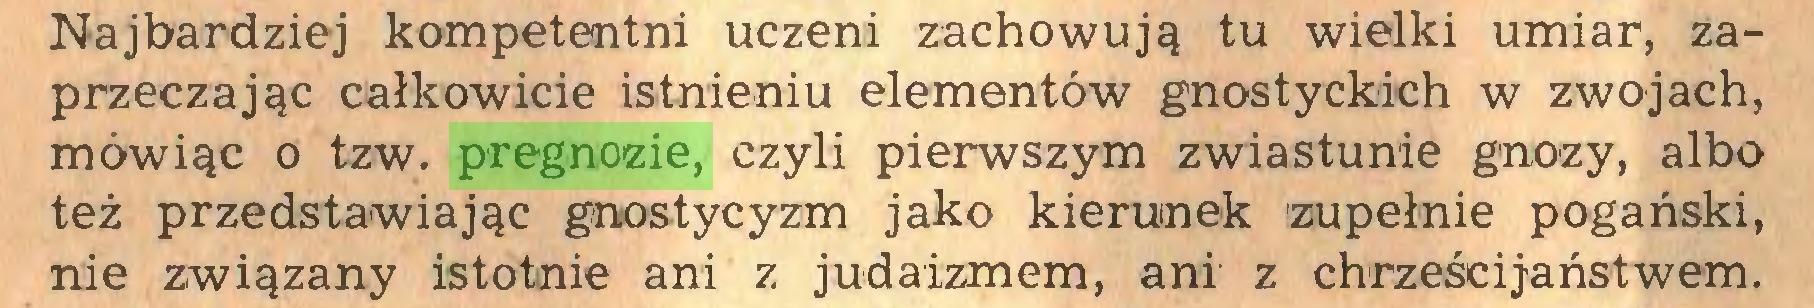 (...) Najbardziej kompetentni uczeni zachowują tu wielki umiar, zaprzeczając całkowicie istnieniu elementów gnostyckich w zwojach, mówiąc o tzw. pregnozie, czyli pierwszym zwiastunie gnozy, albo też przedstawiając gnostycyzm jako kierunek zupełnie pogański, nie związany istotnie ani z judaizmem, ani z chrześcijaństwem...